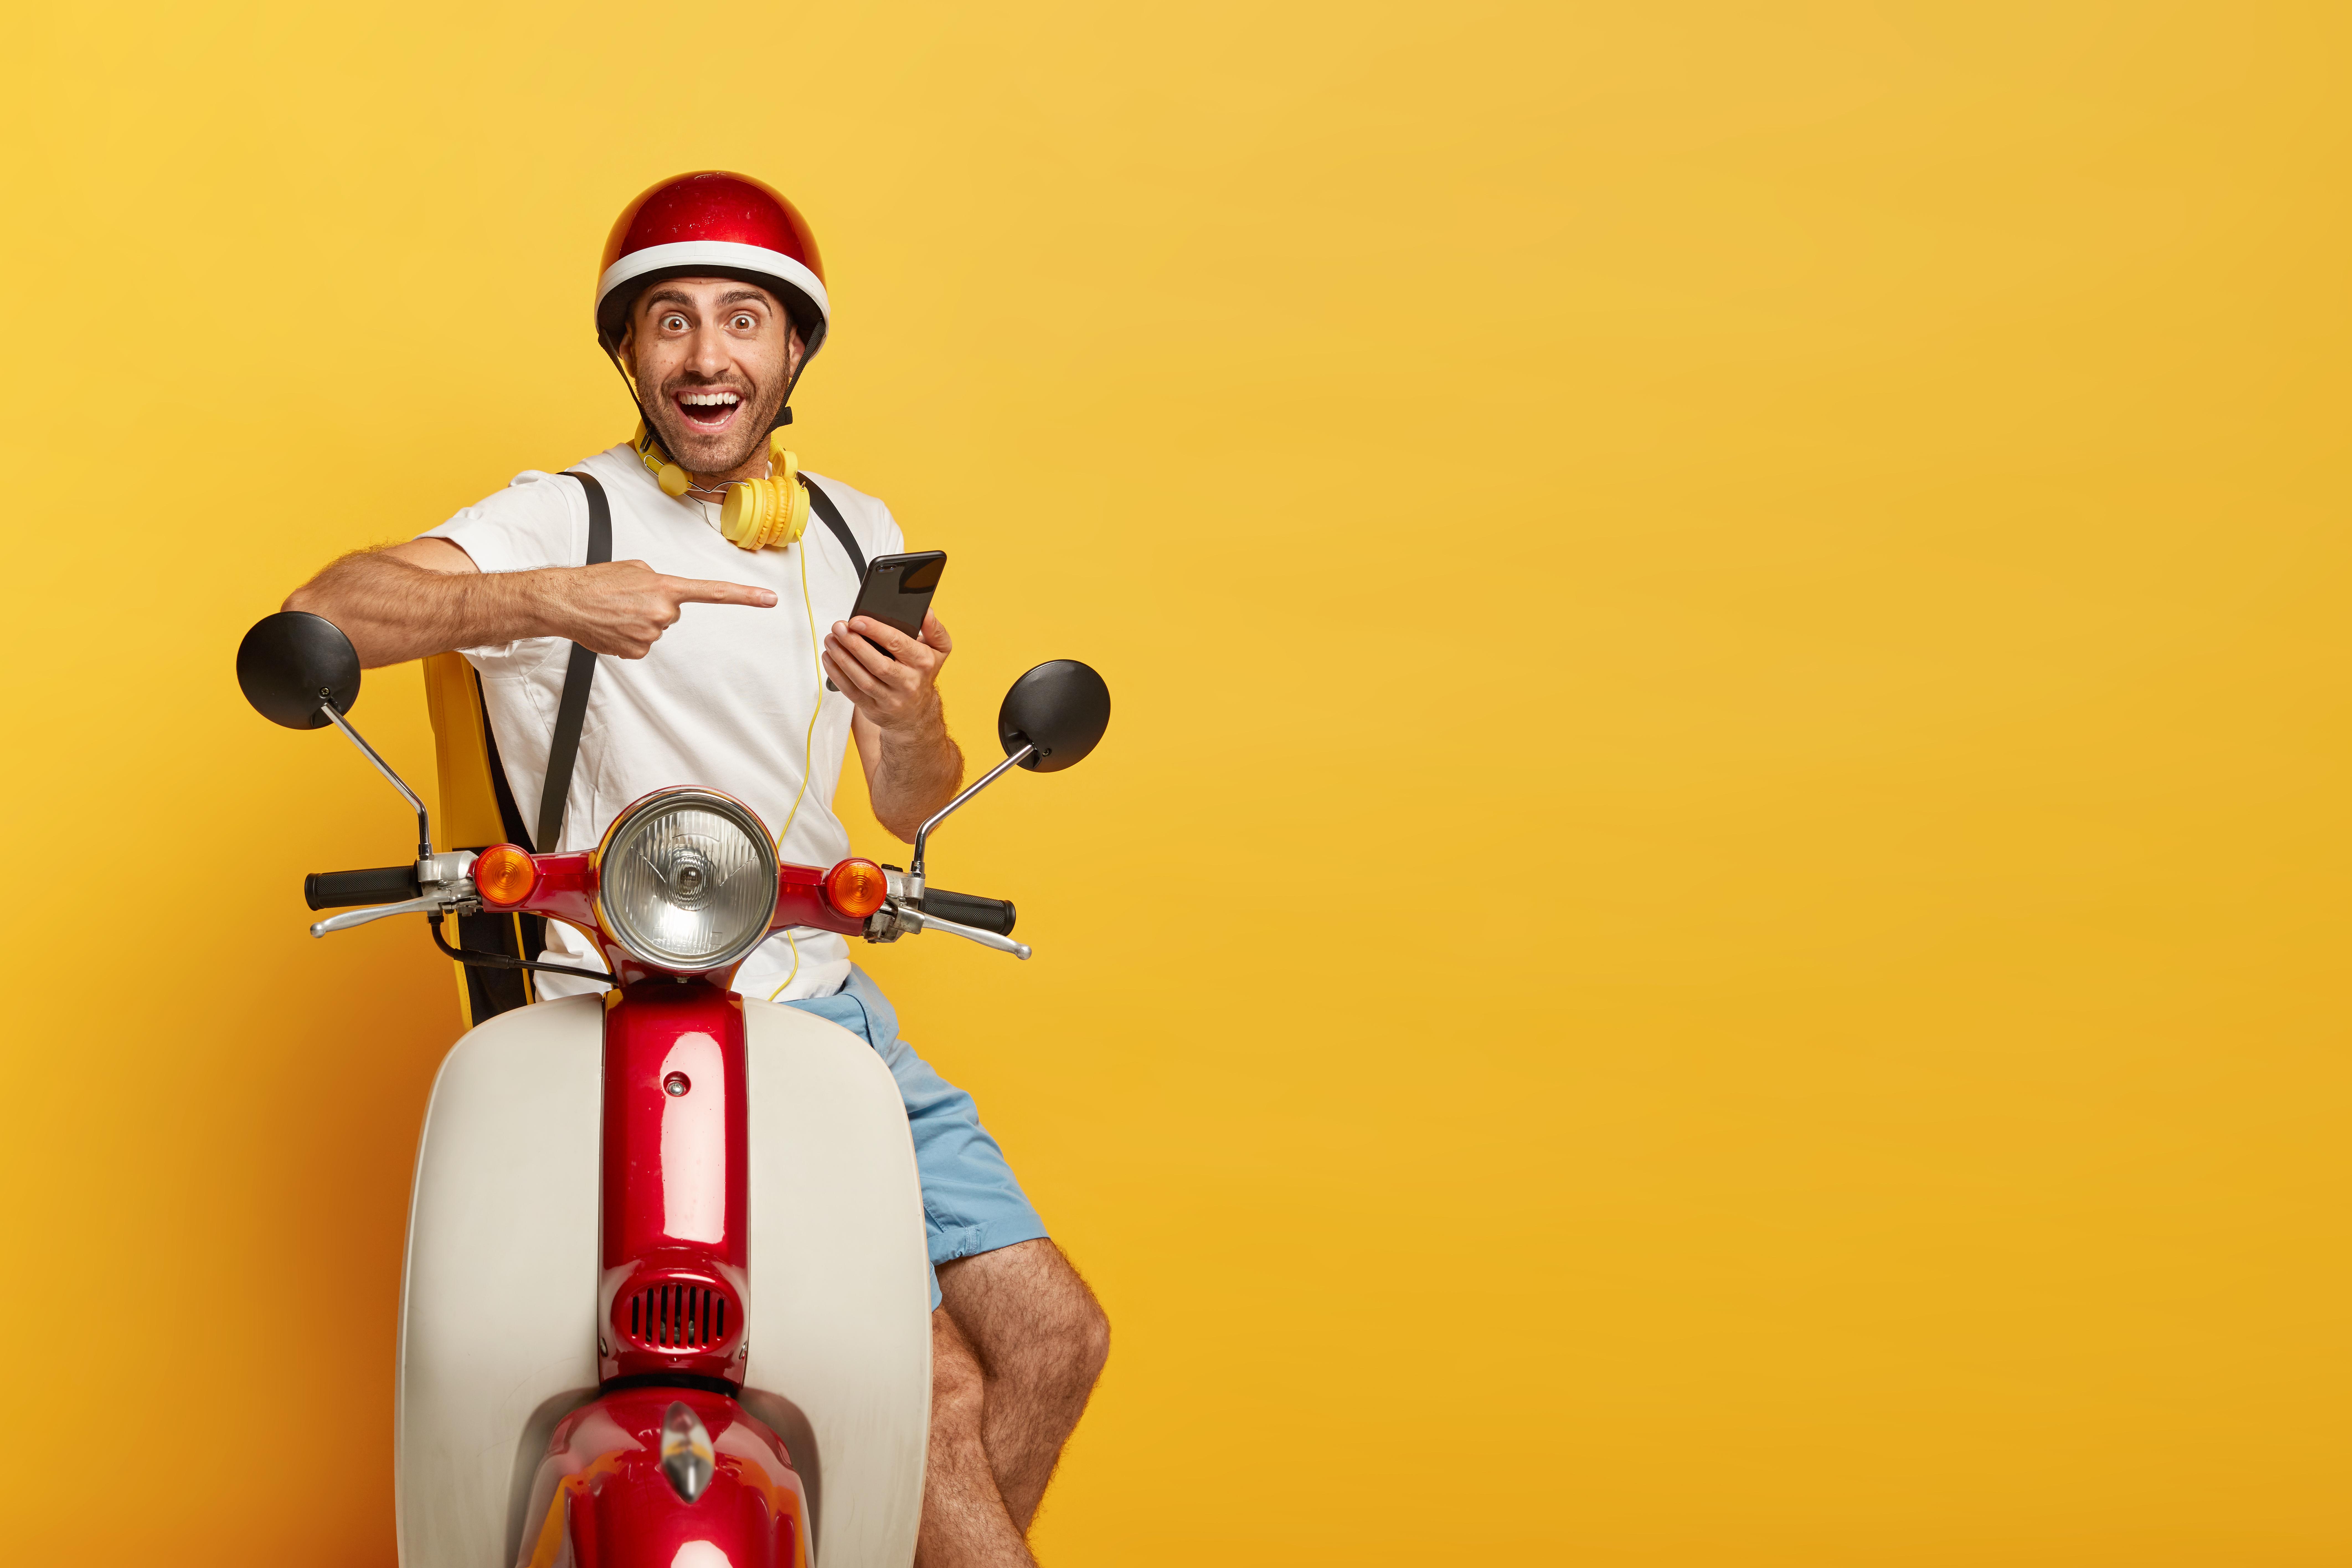 Vemos um motoboy com um celular na mão enquanto aponta seu indicador direito para o dispositivo com um semblante sorridente (imagem ilustrativa). Texto: franquias ideias para quem tem até 35 anos.